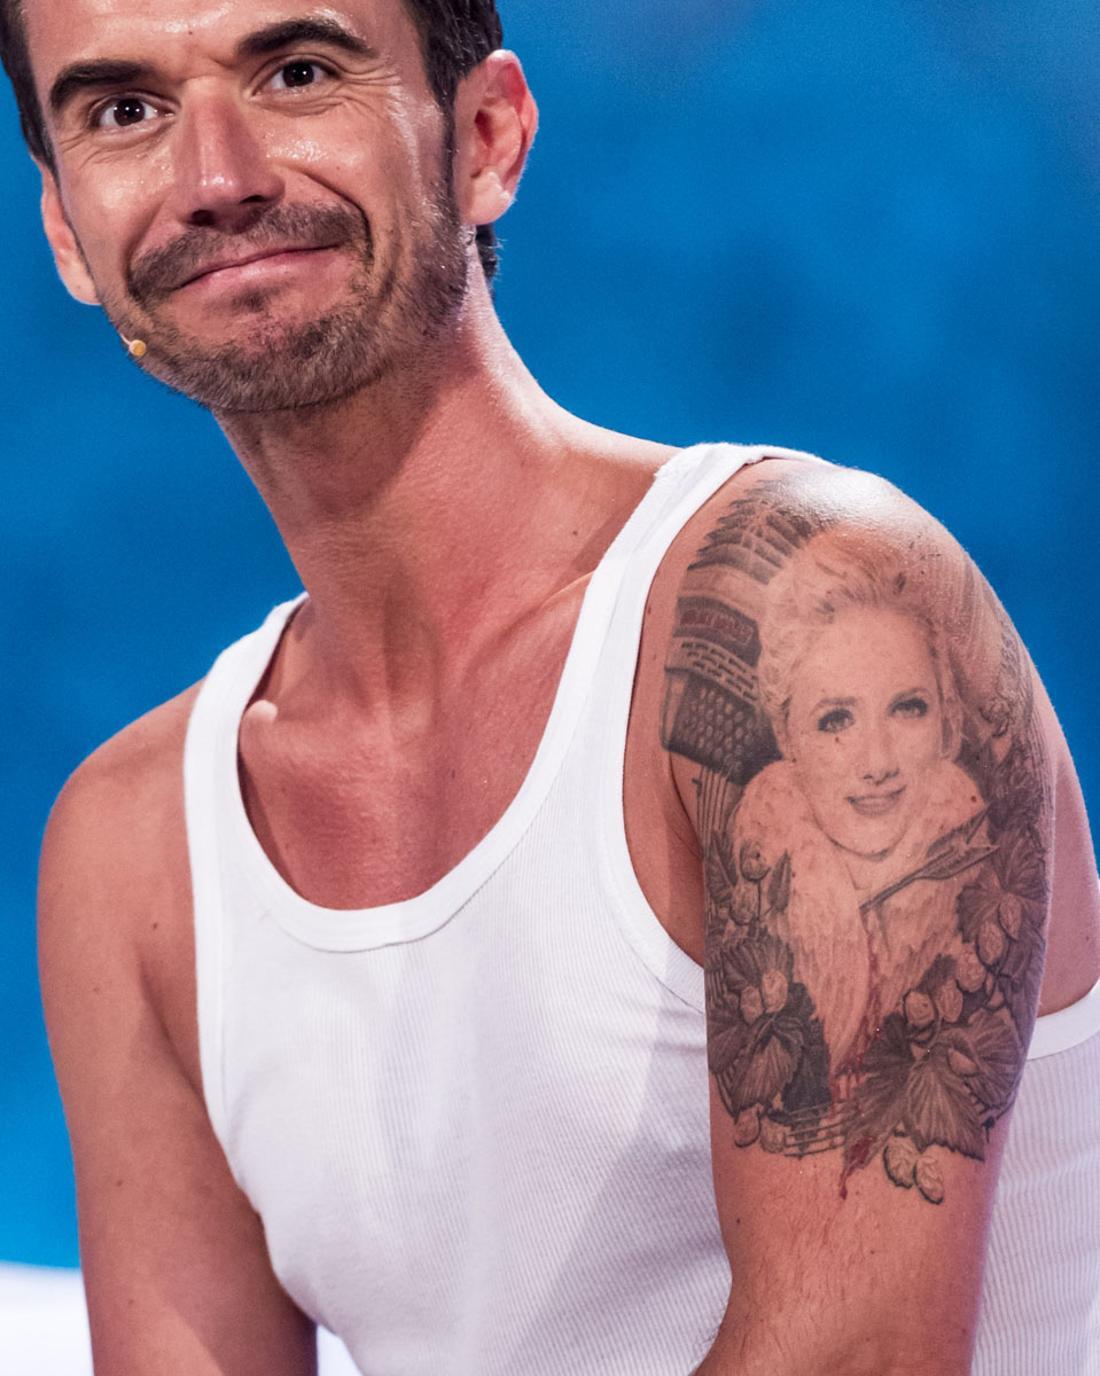 Florian Silbereisen mit Helene-Fischer-Tattoo.